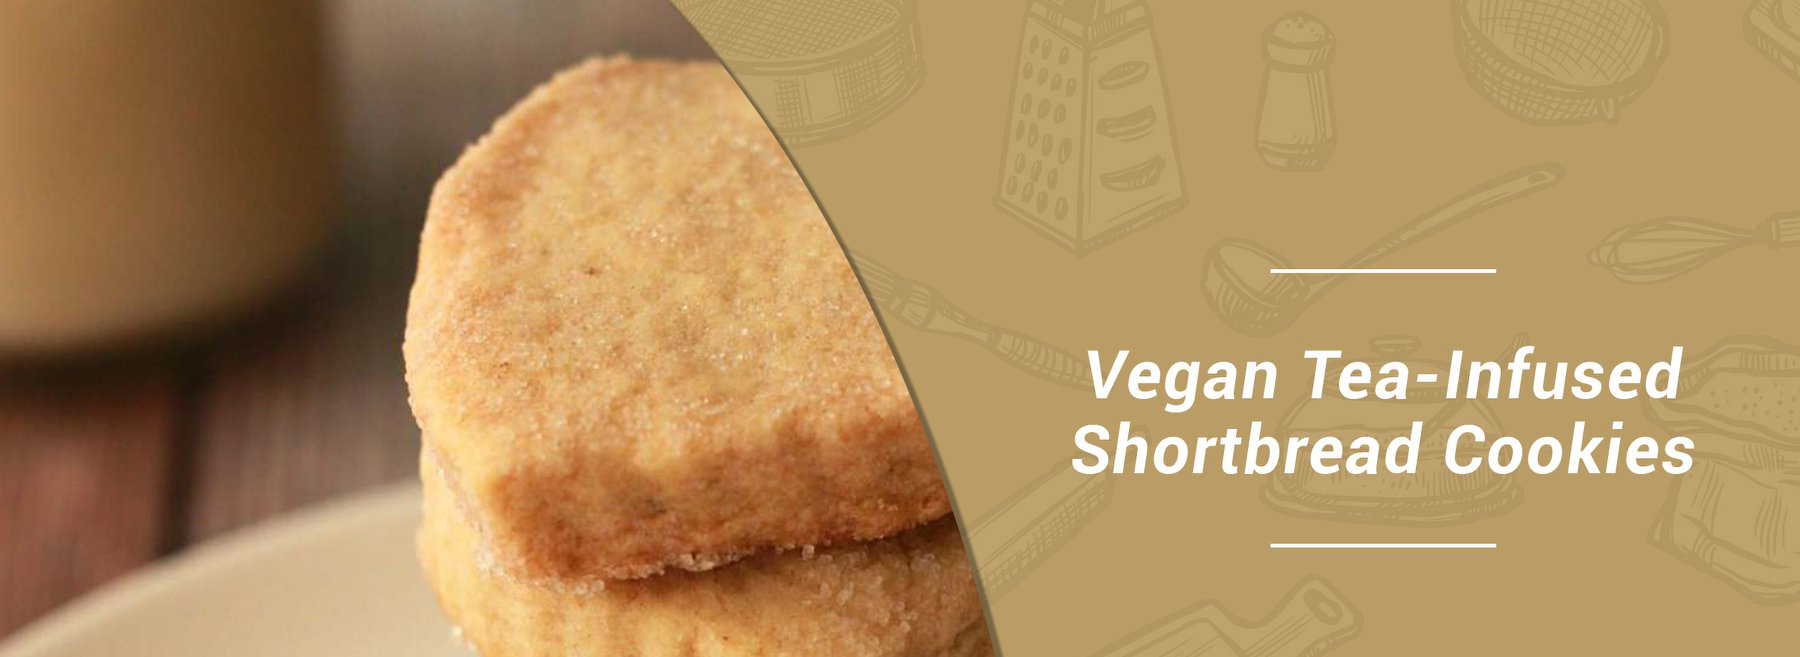 Vegan Tea-Infused Shortbread Cookies